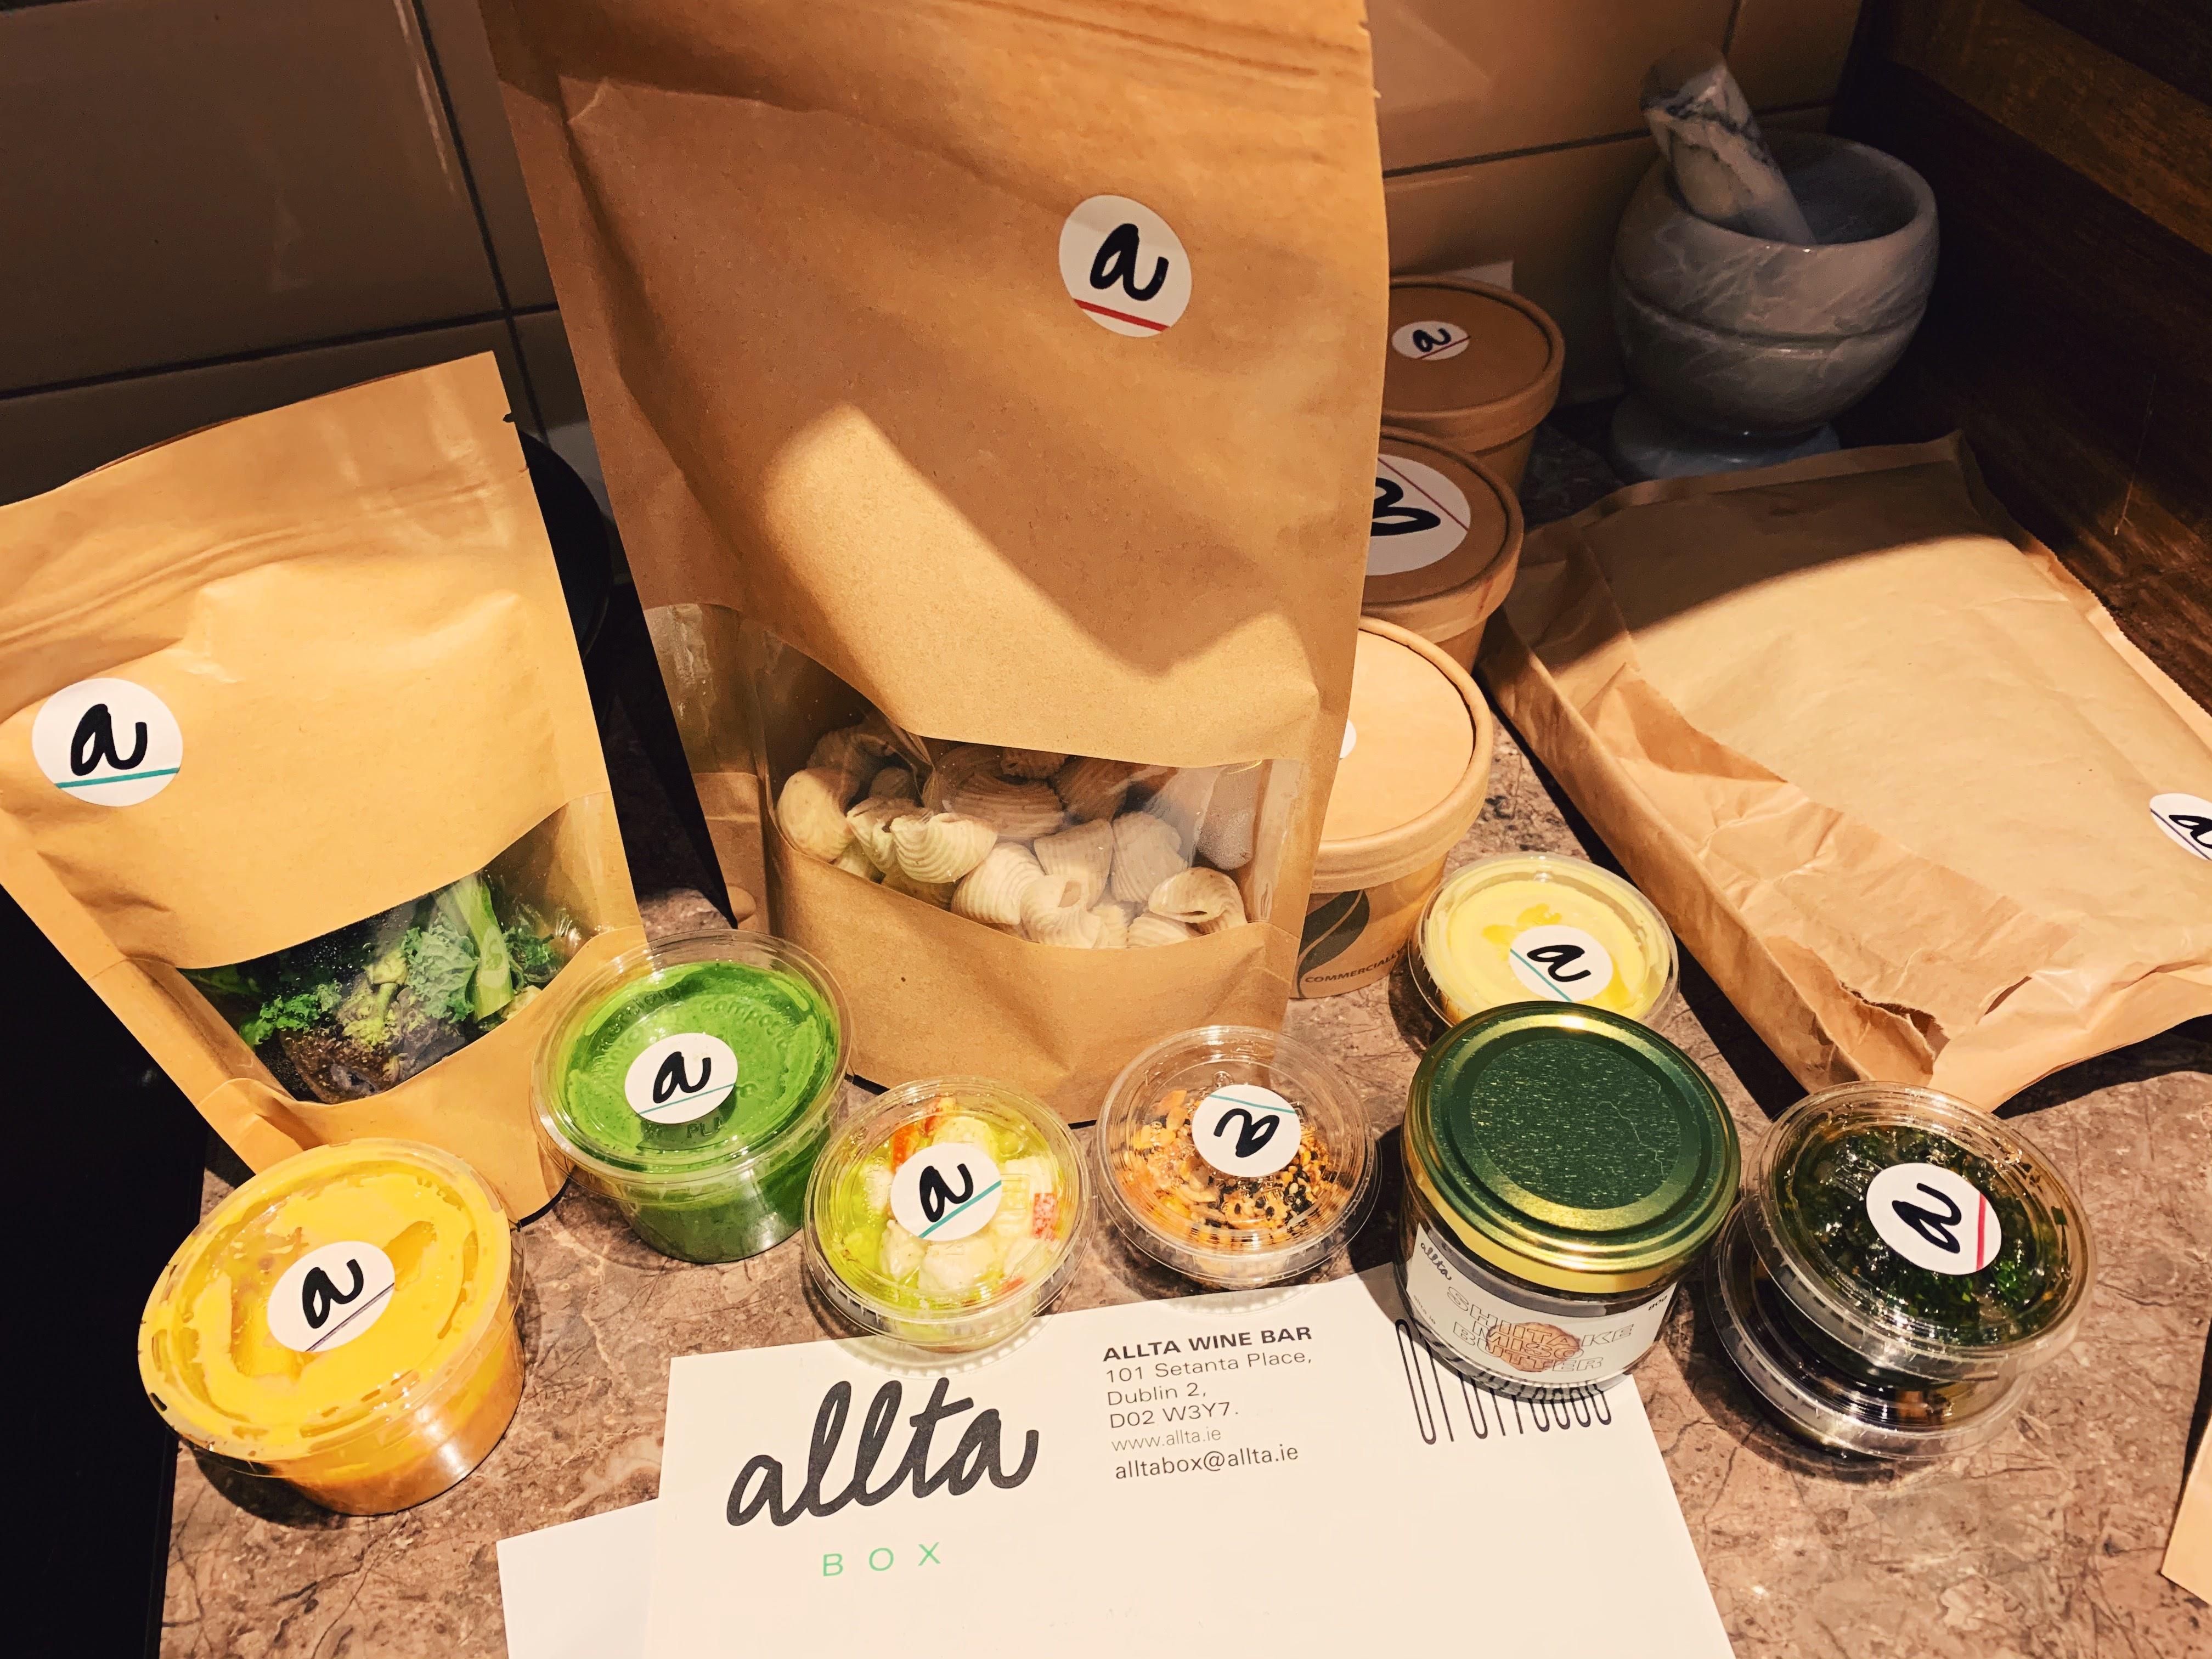 Allta-box